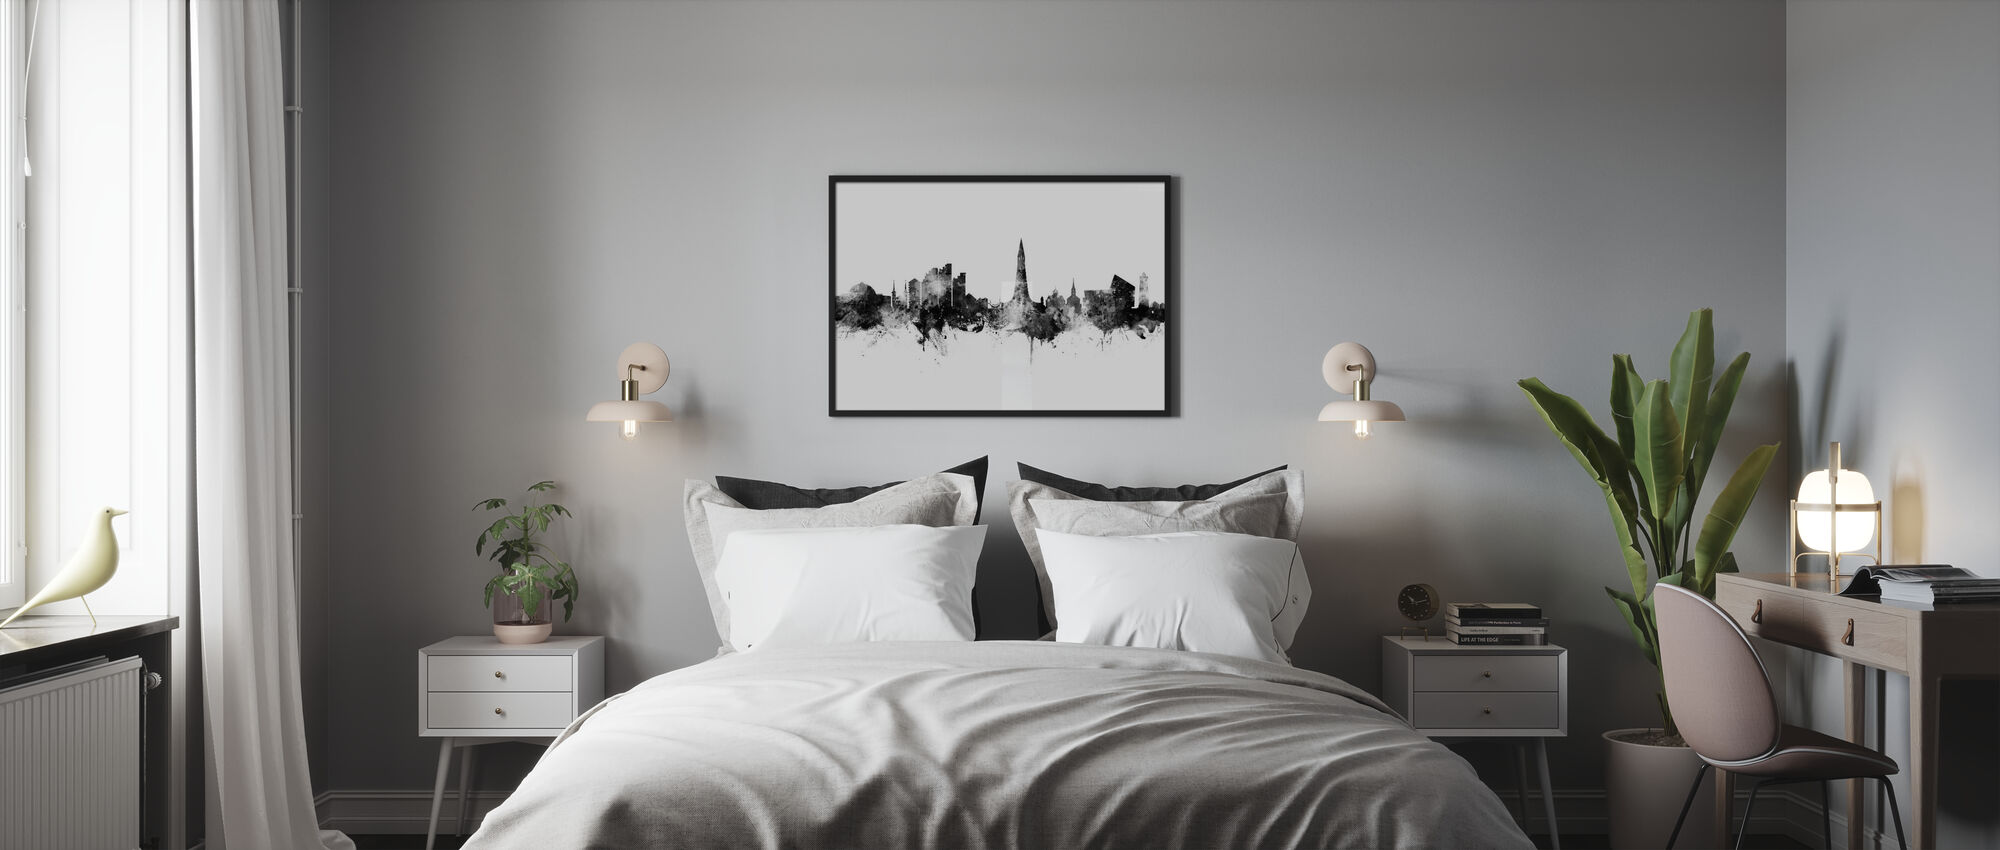 Reykjavik Iceland Skyline - Poster - Bedroom